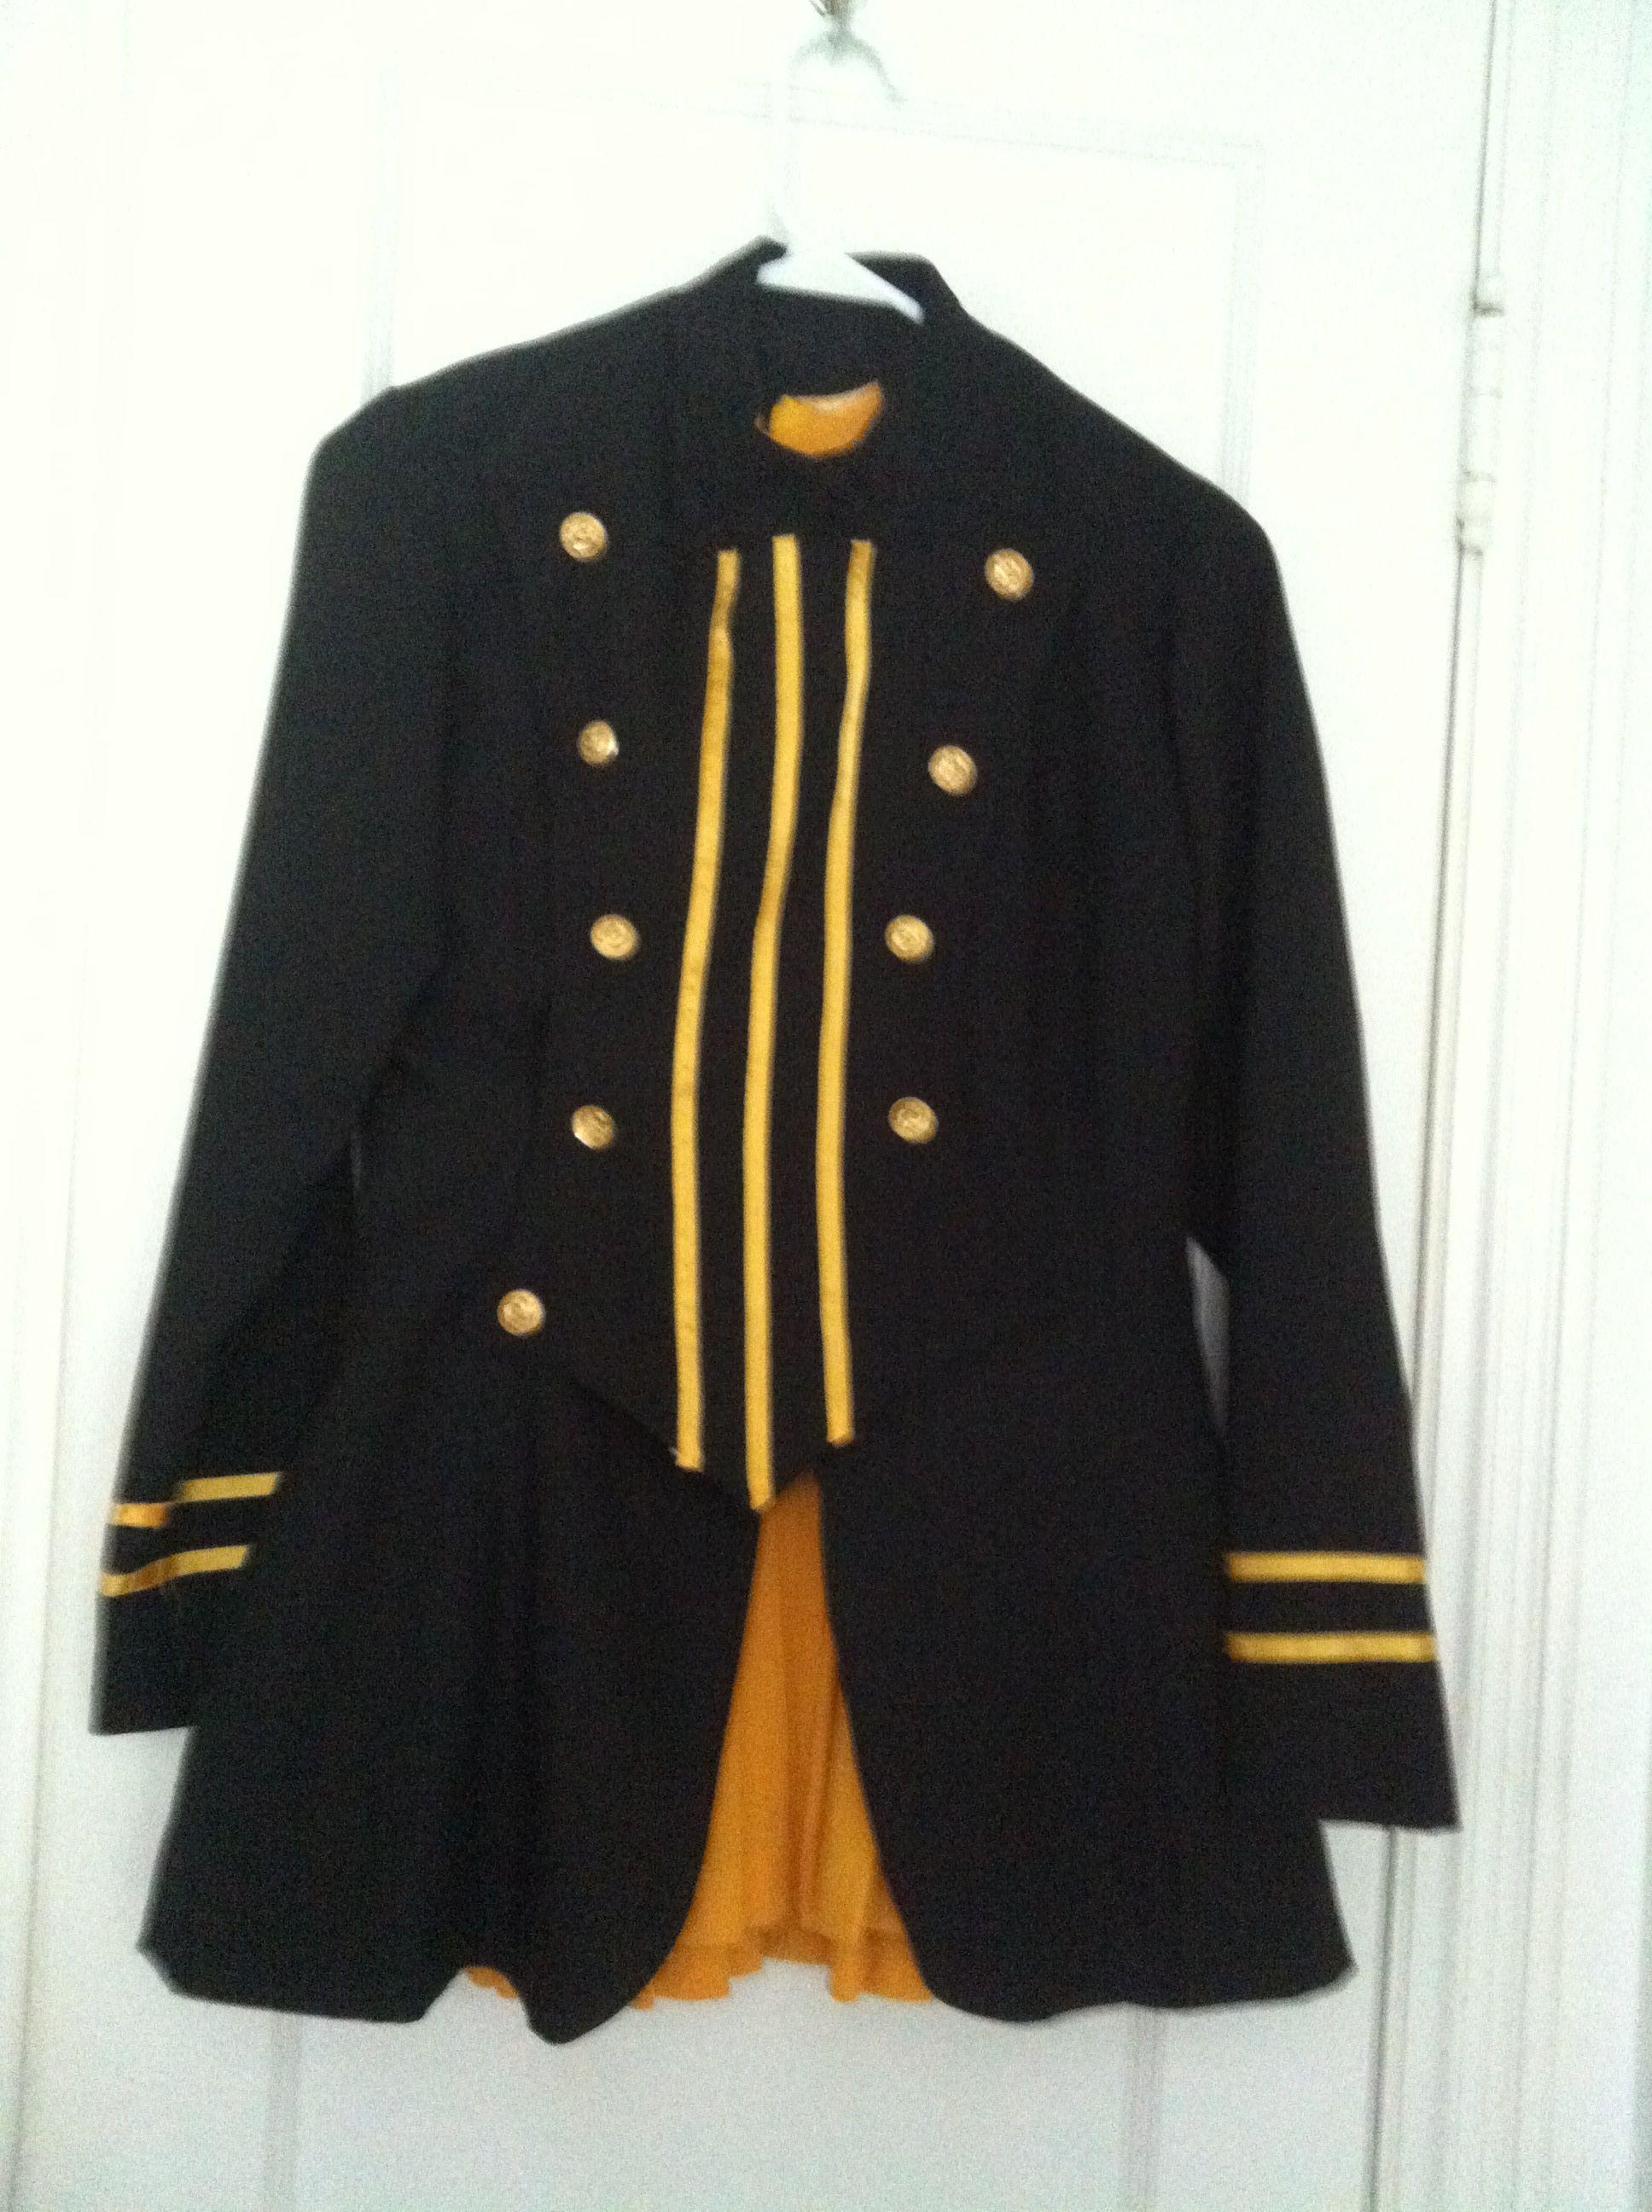 80s Majorette Uniform Majorettes Uniforms